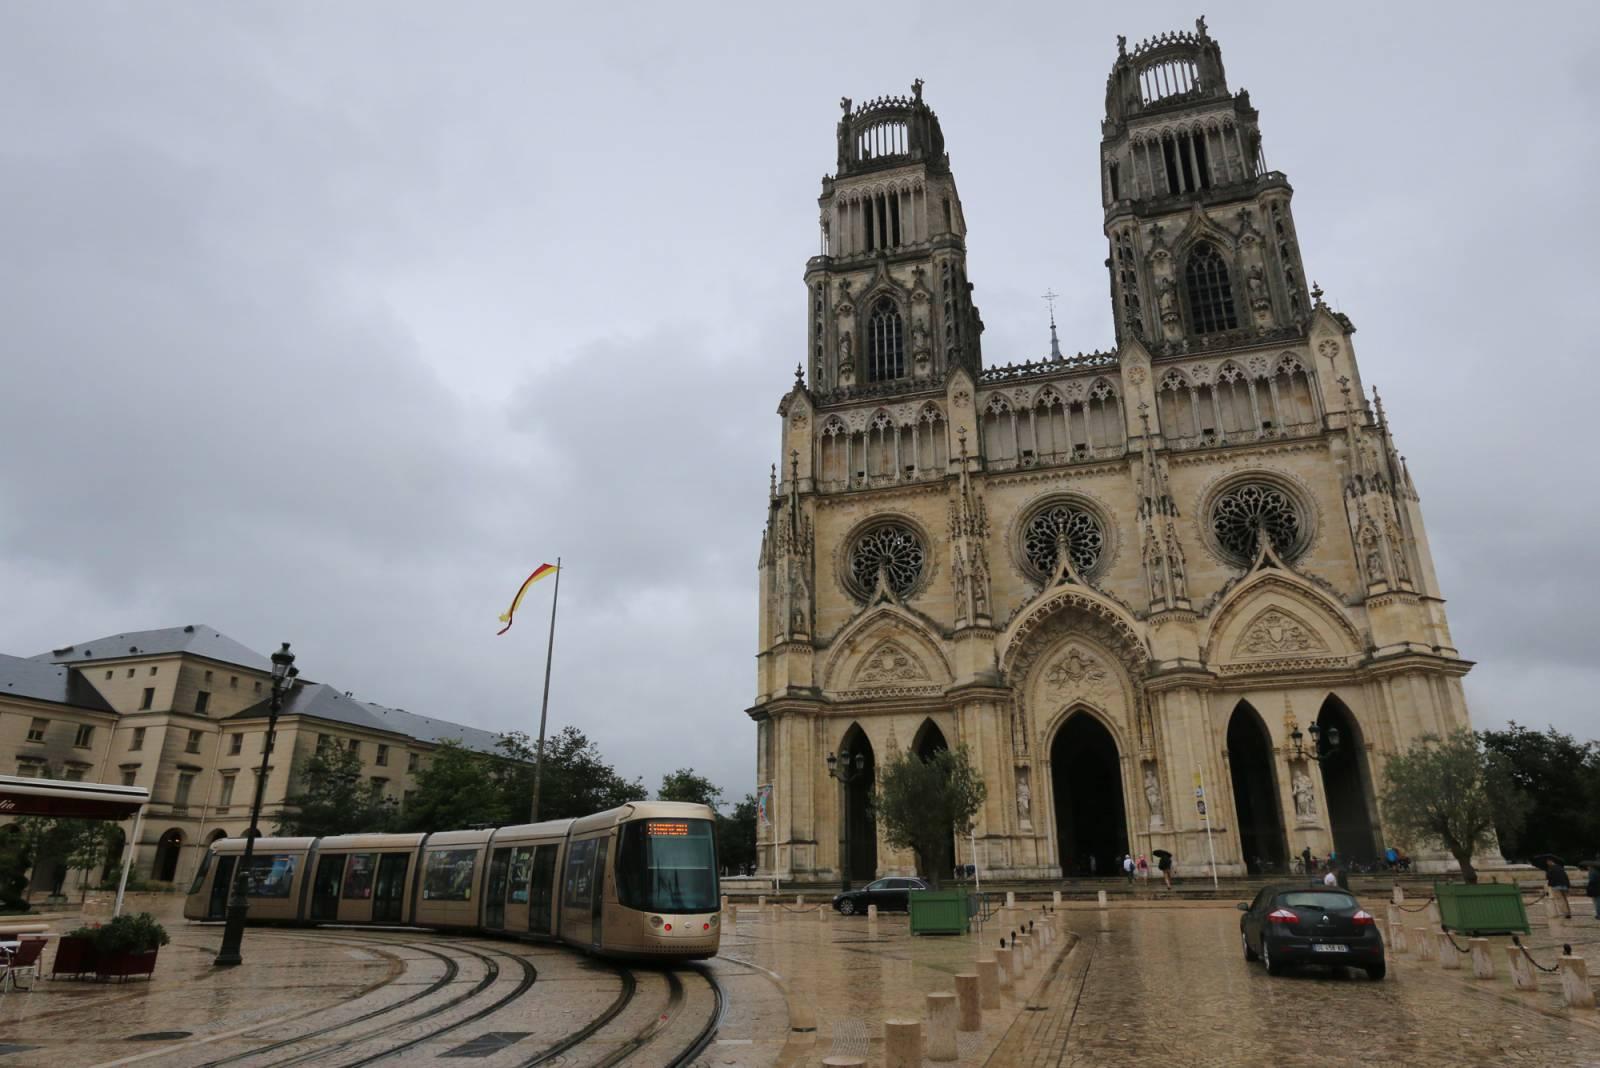 Visiter Orléans - Cathédrale Sainte-Croix